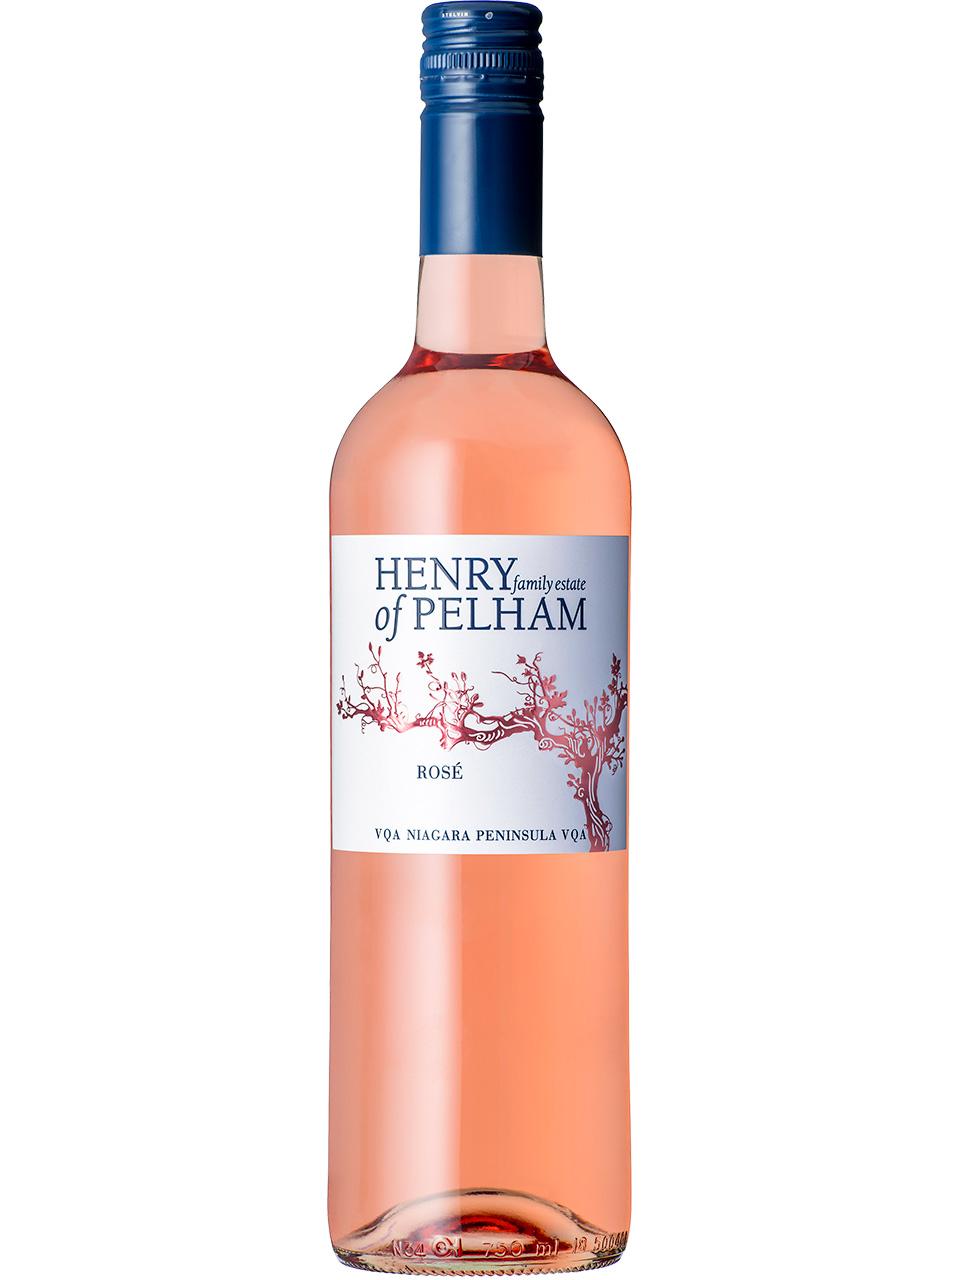 Henry of Pelham Rose